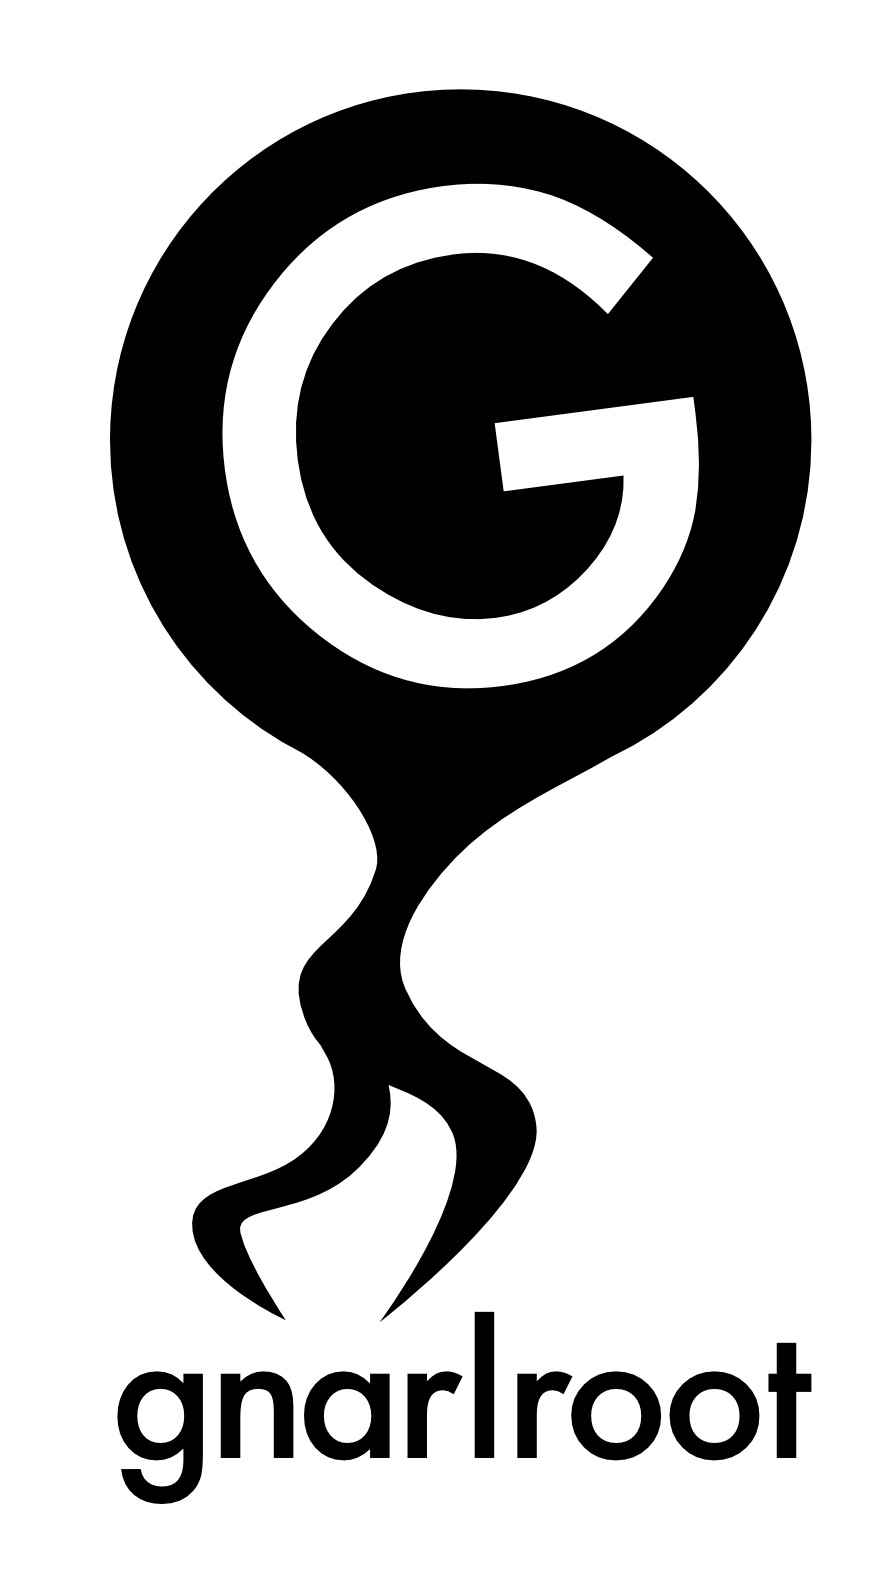 gnarlroot logo 2015_01@3x.png